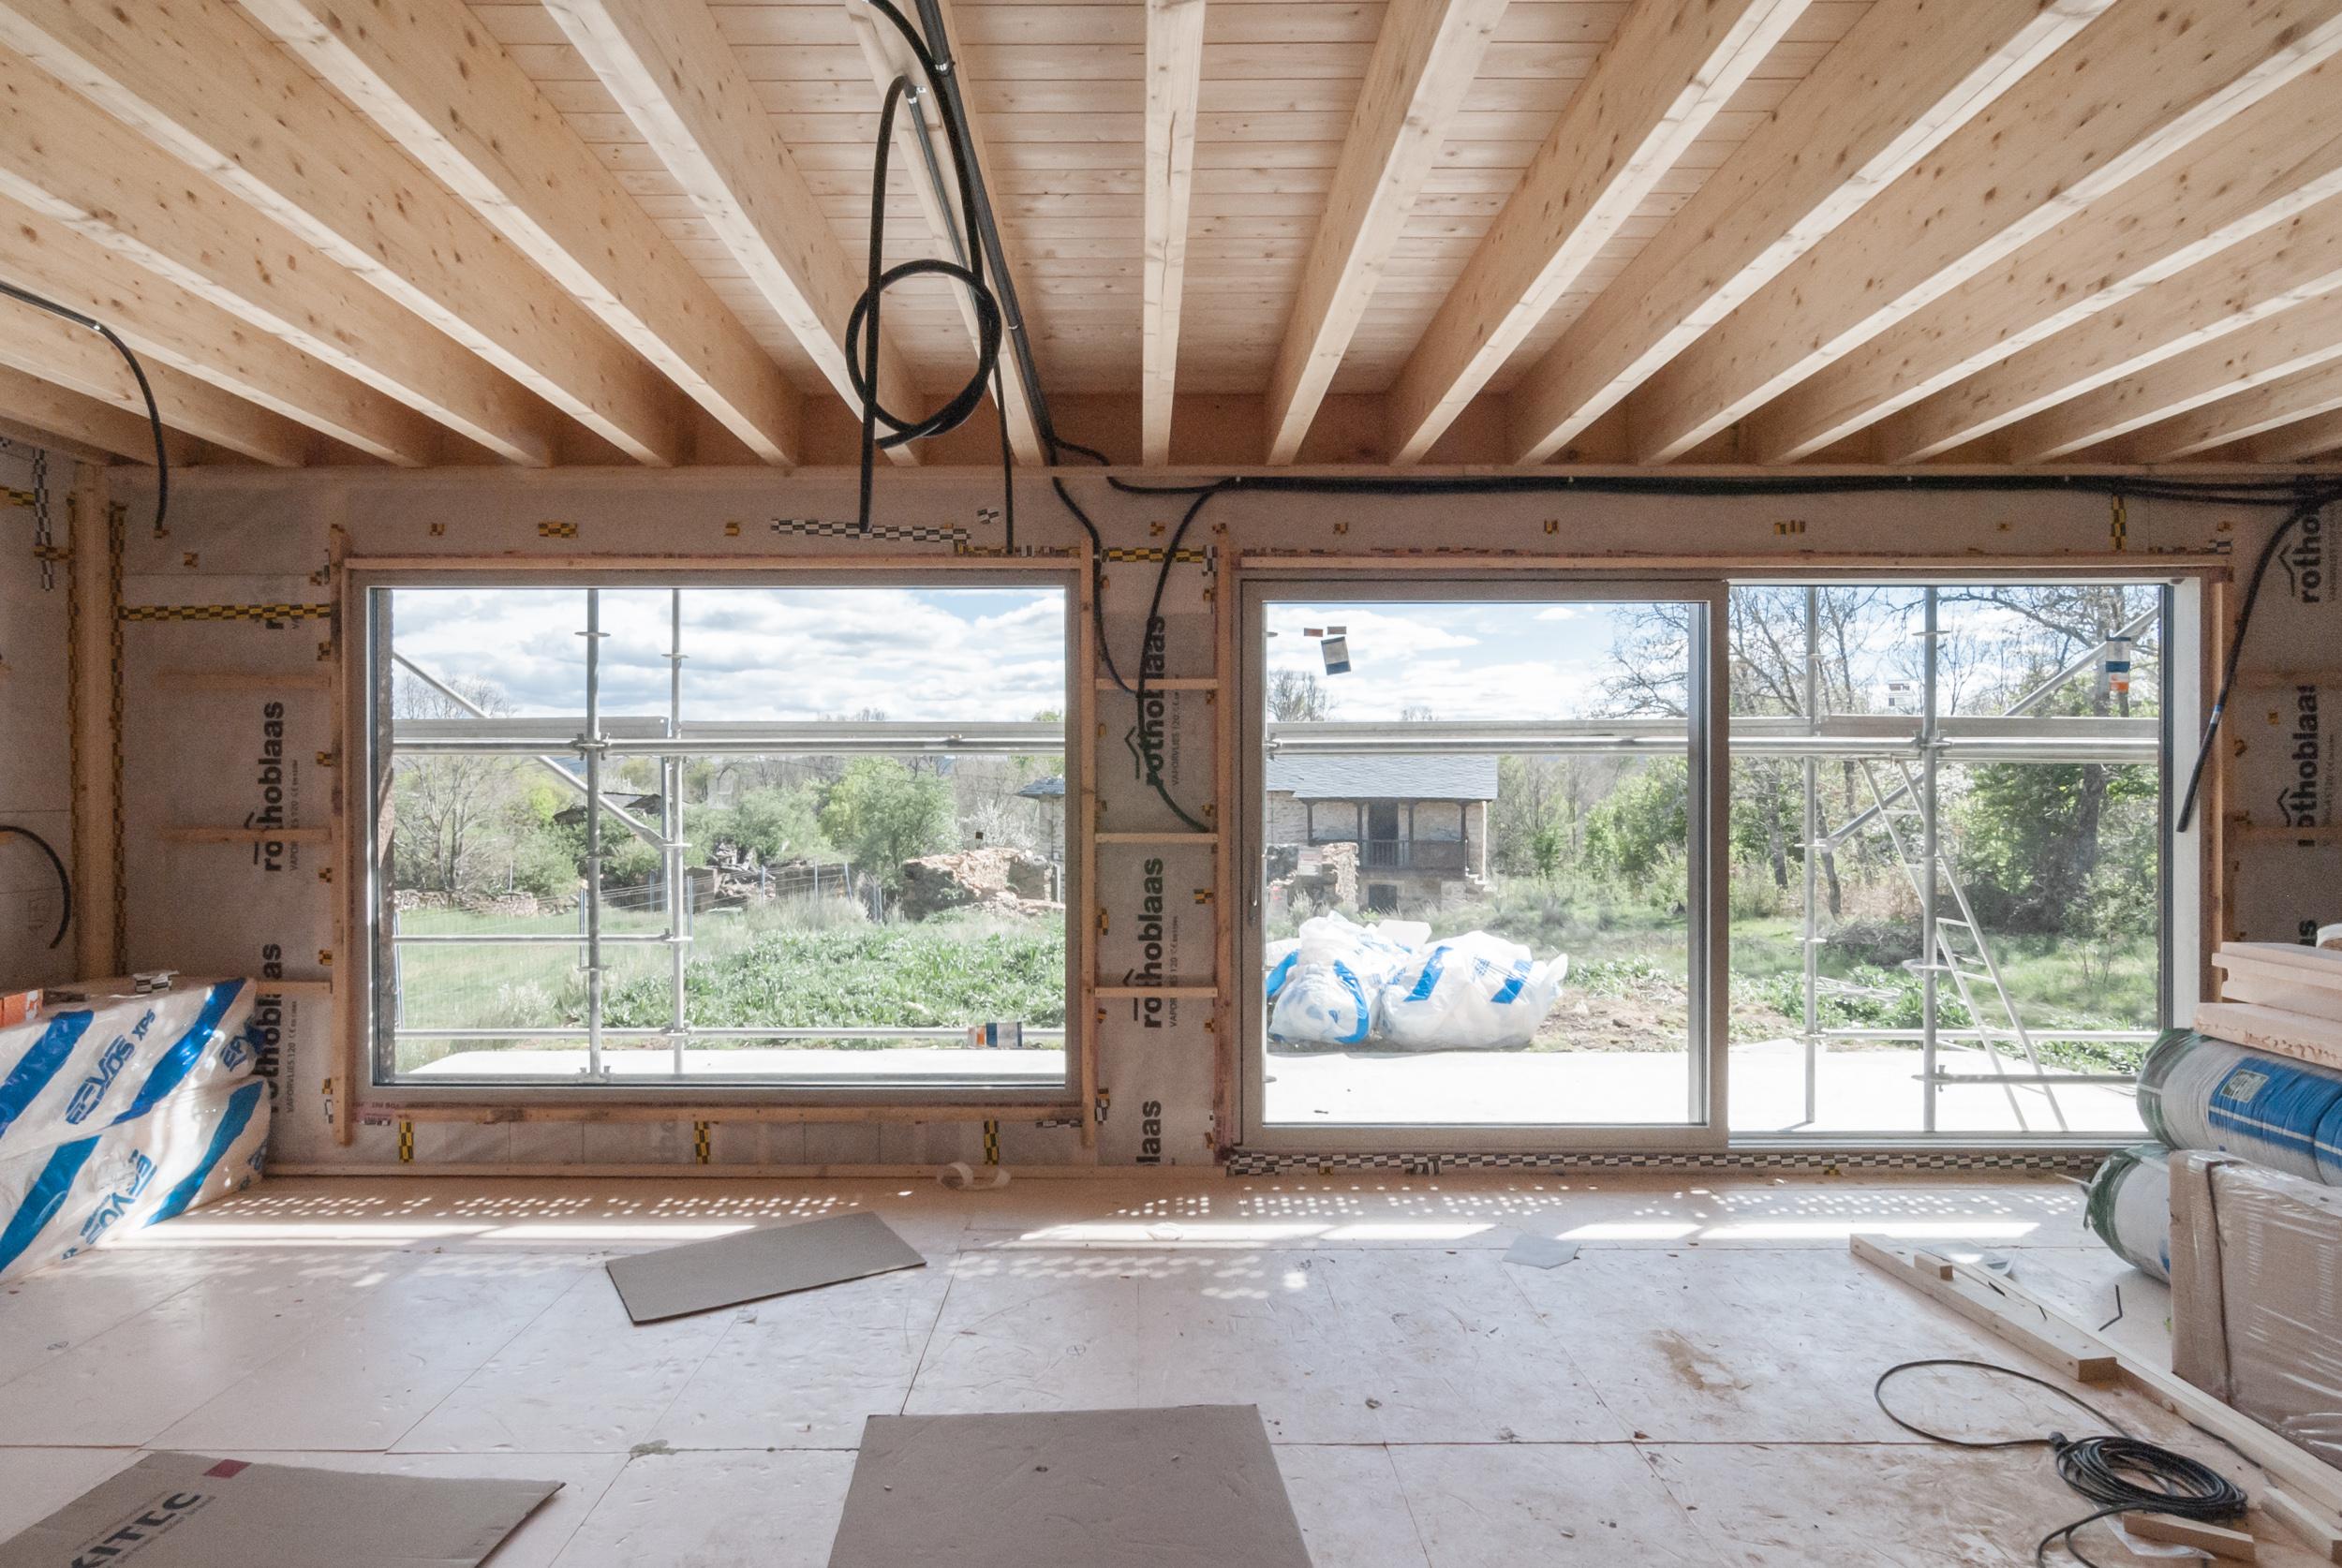 Vivienda Passivhaus en Triufé - Construccion